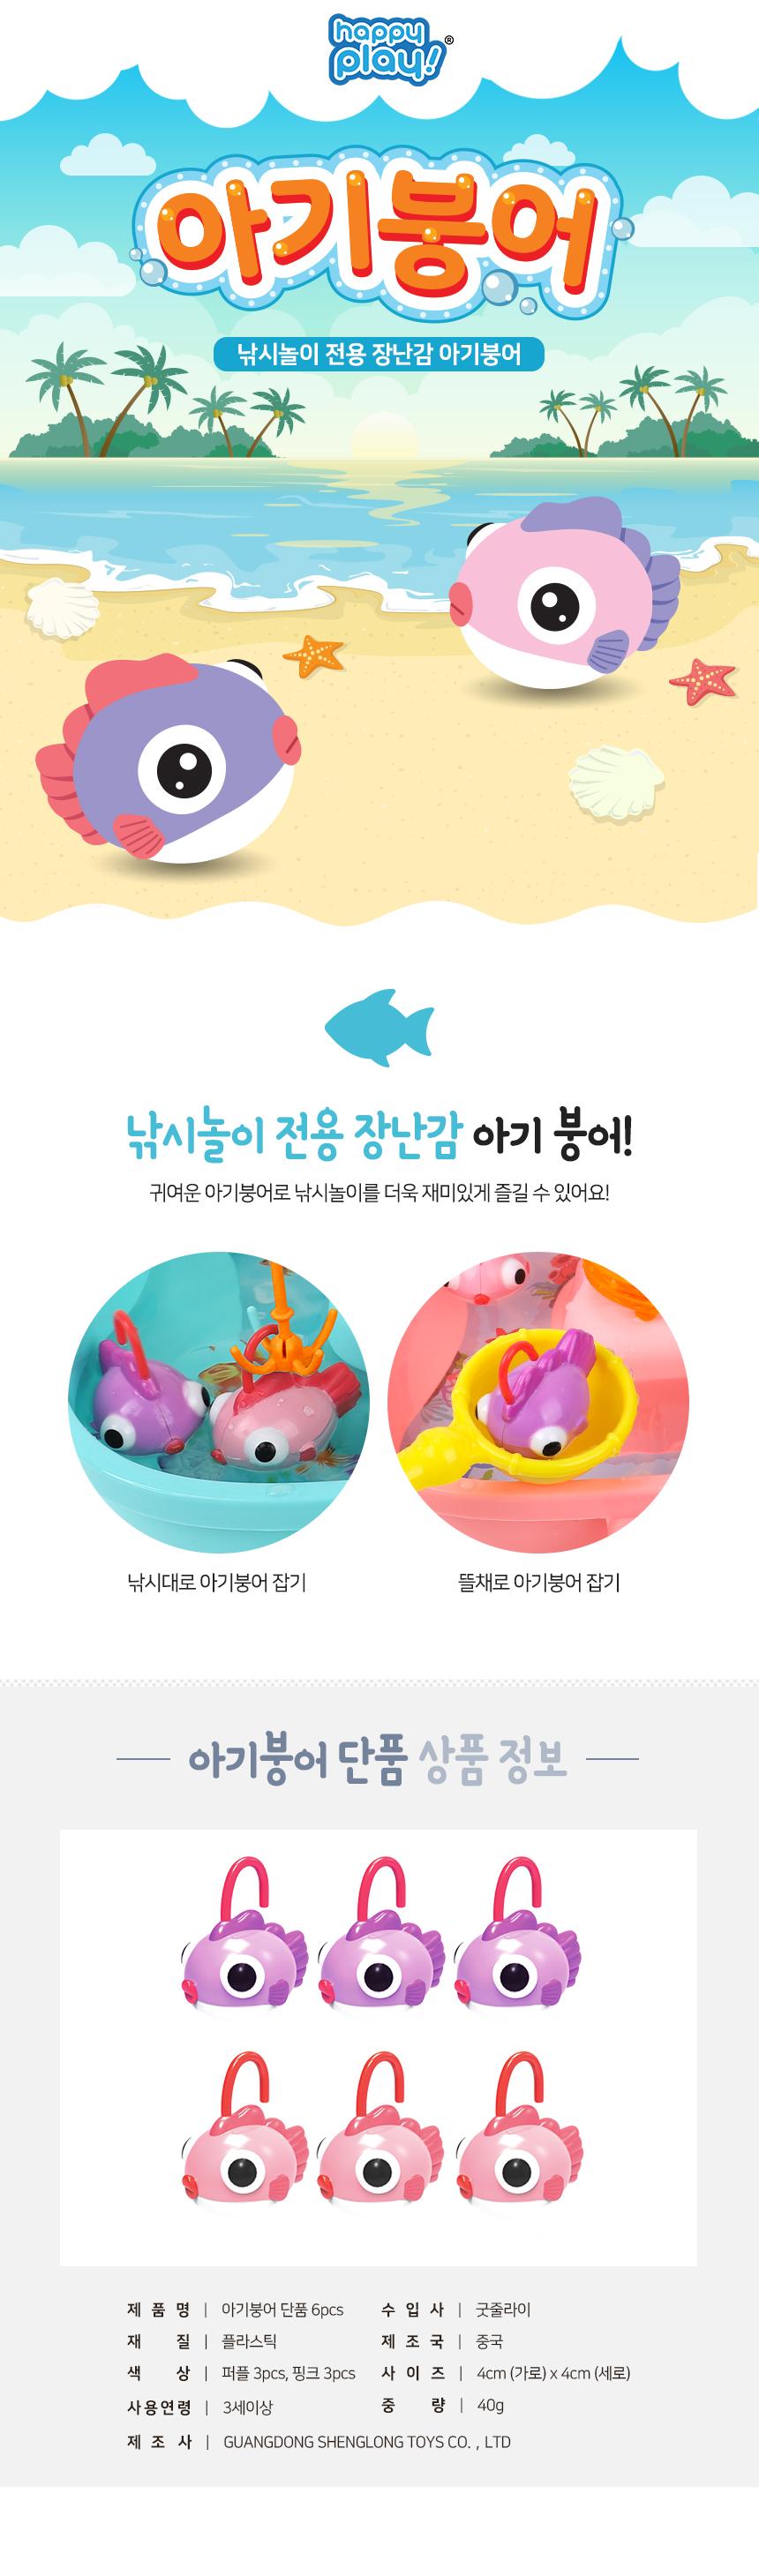 해피플레이 테이블 물고기 낚시놀이 추가구성 아기붕어6pcs - 해피플레이, 3,000원, 장난감, 장난감